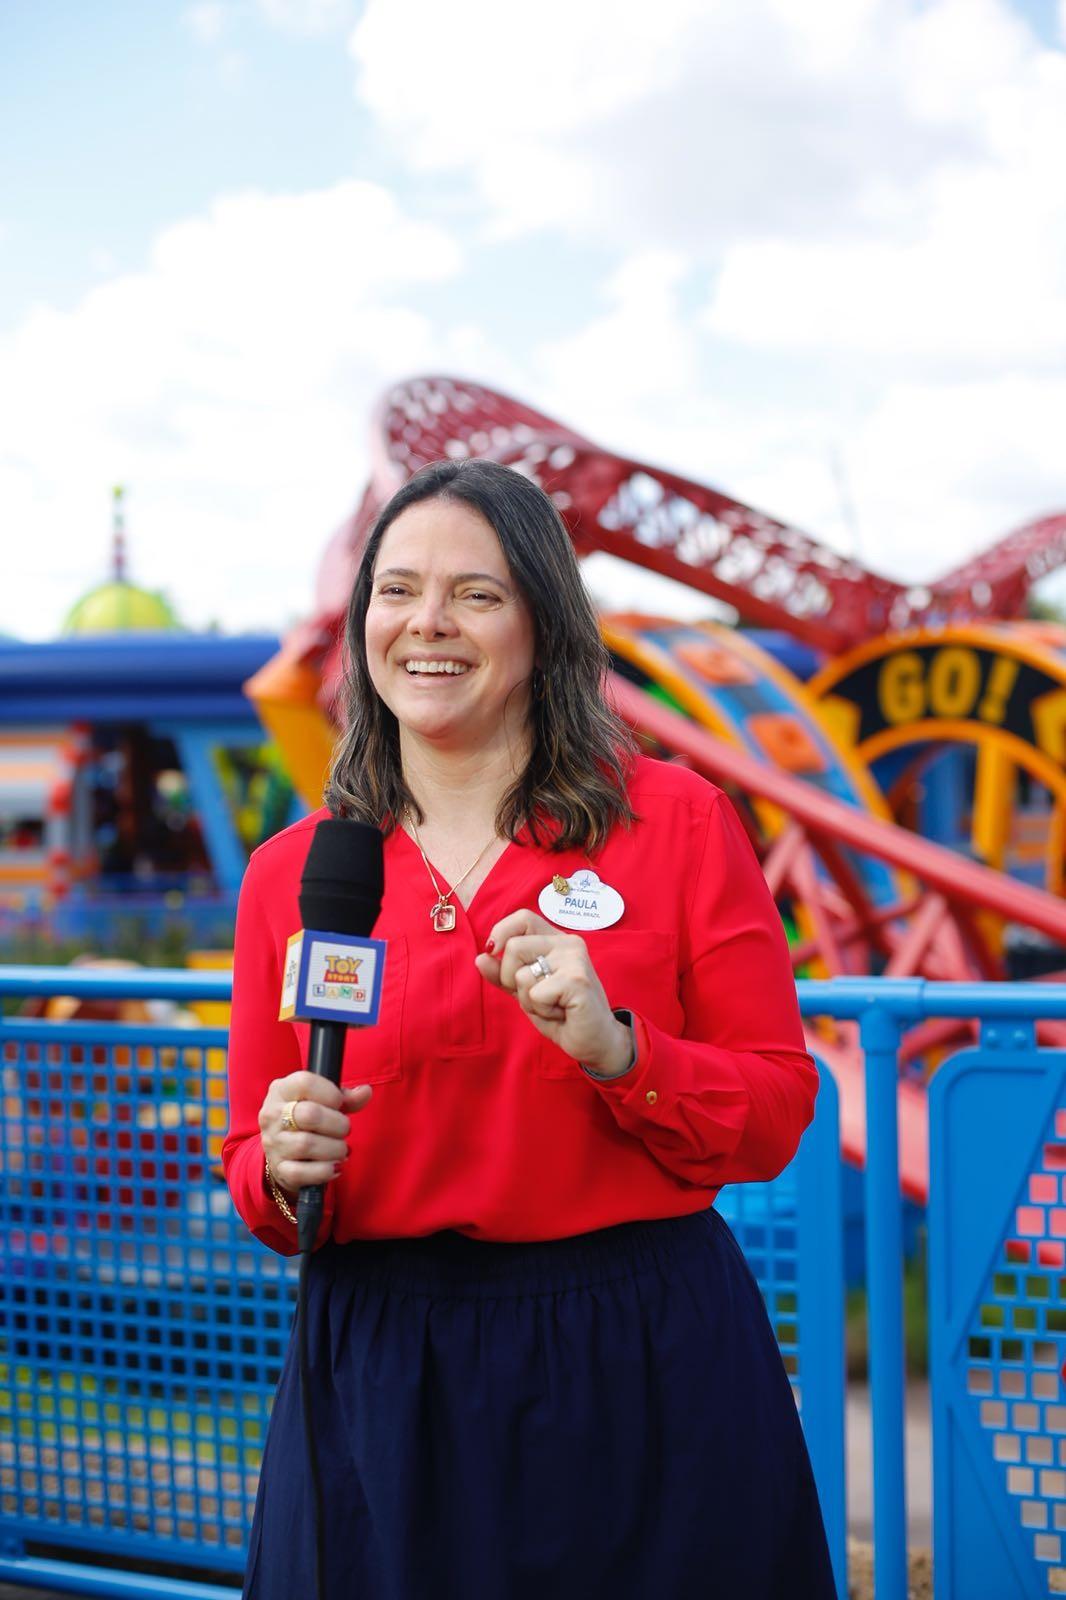 Paula M. Hall - Gerente de Relações Públicas da Disney Destinations para o Brasil